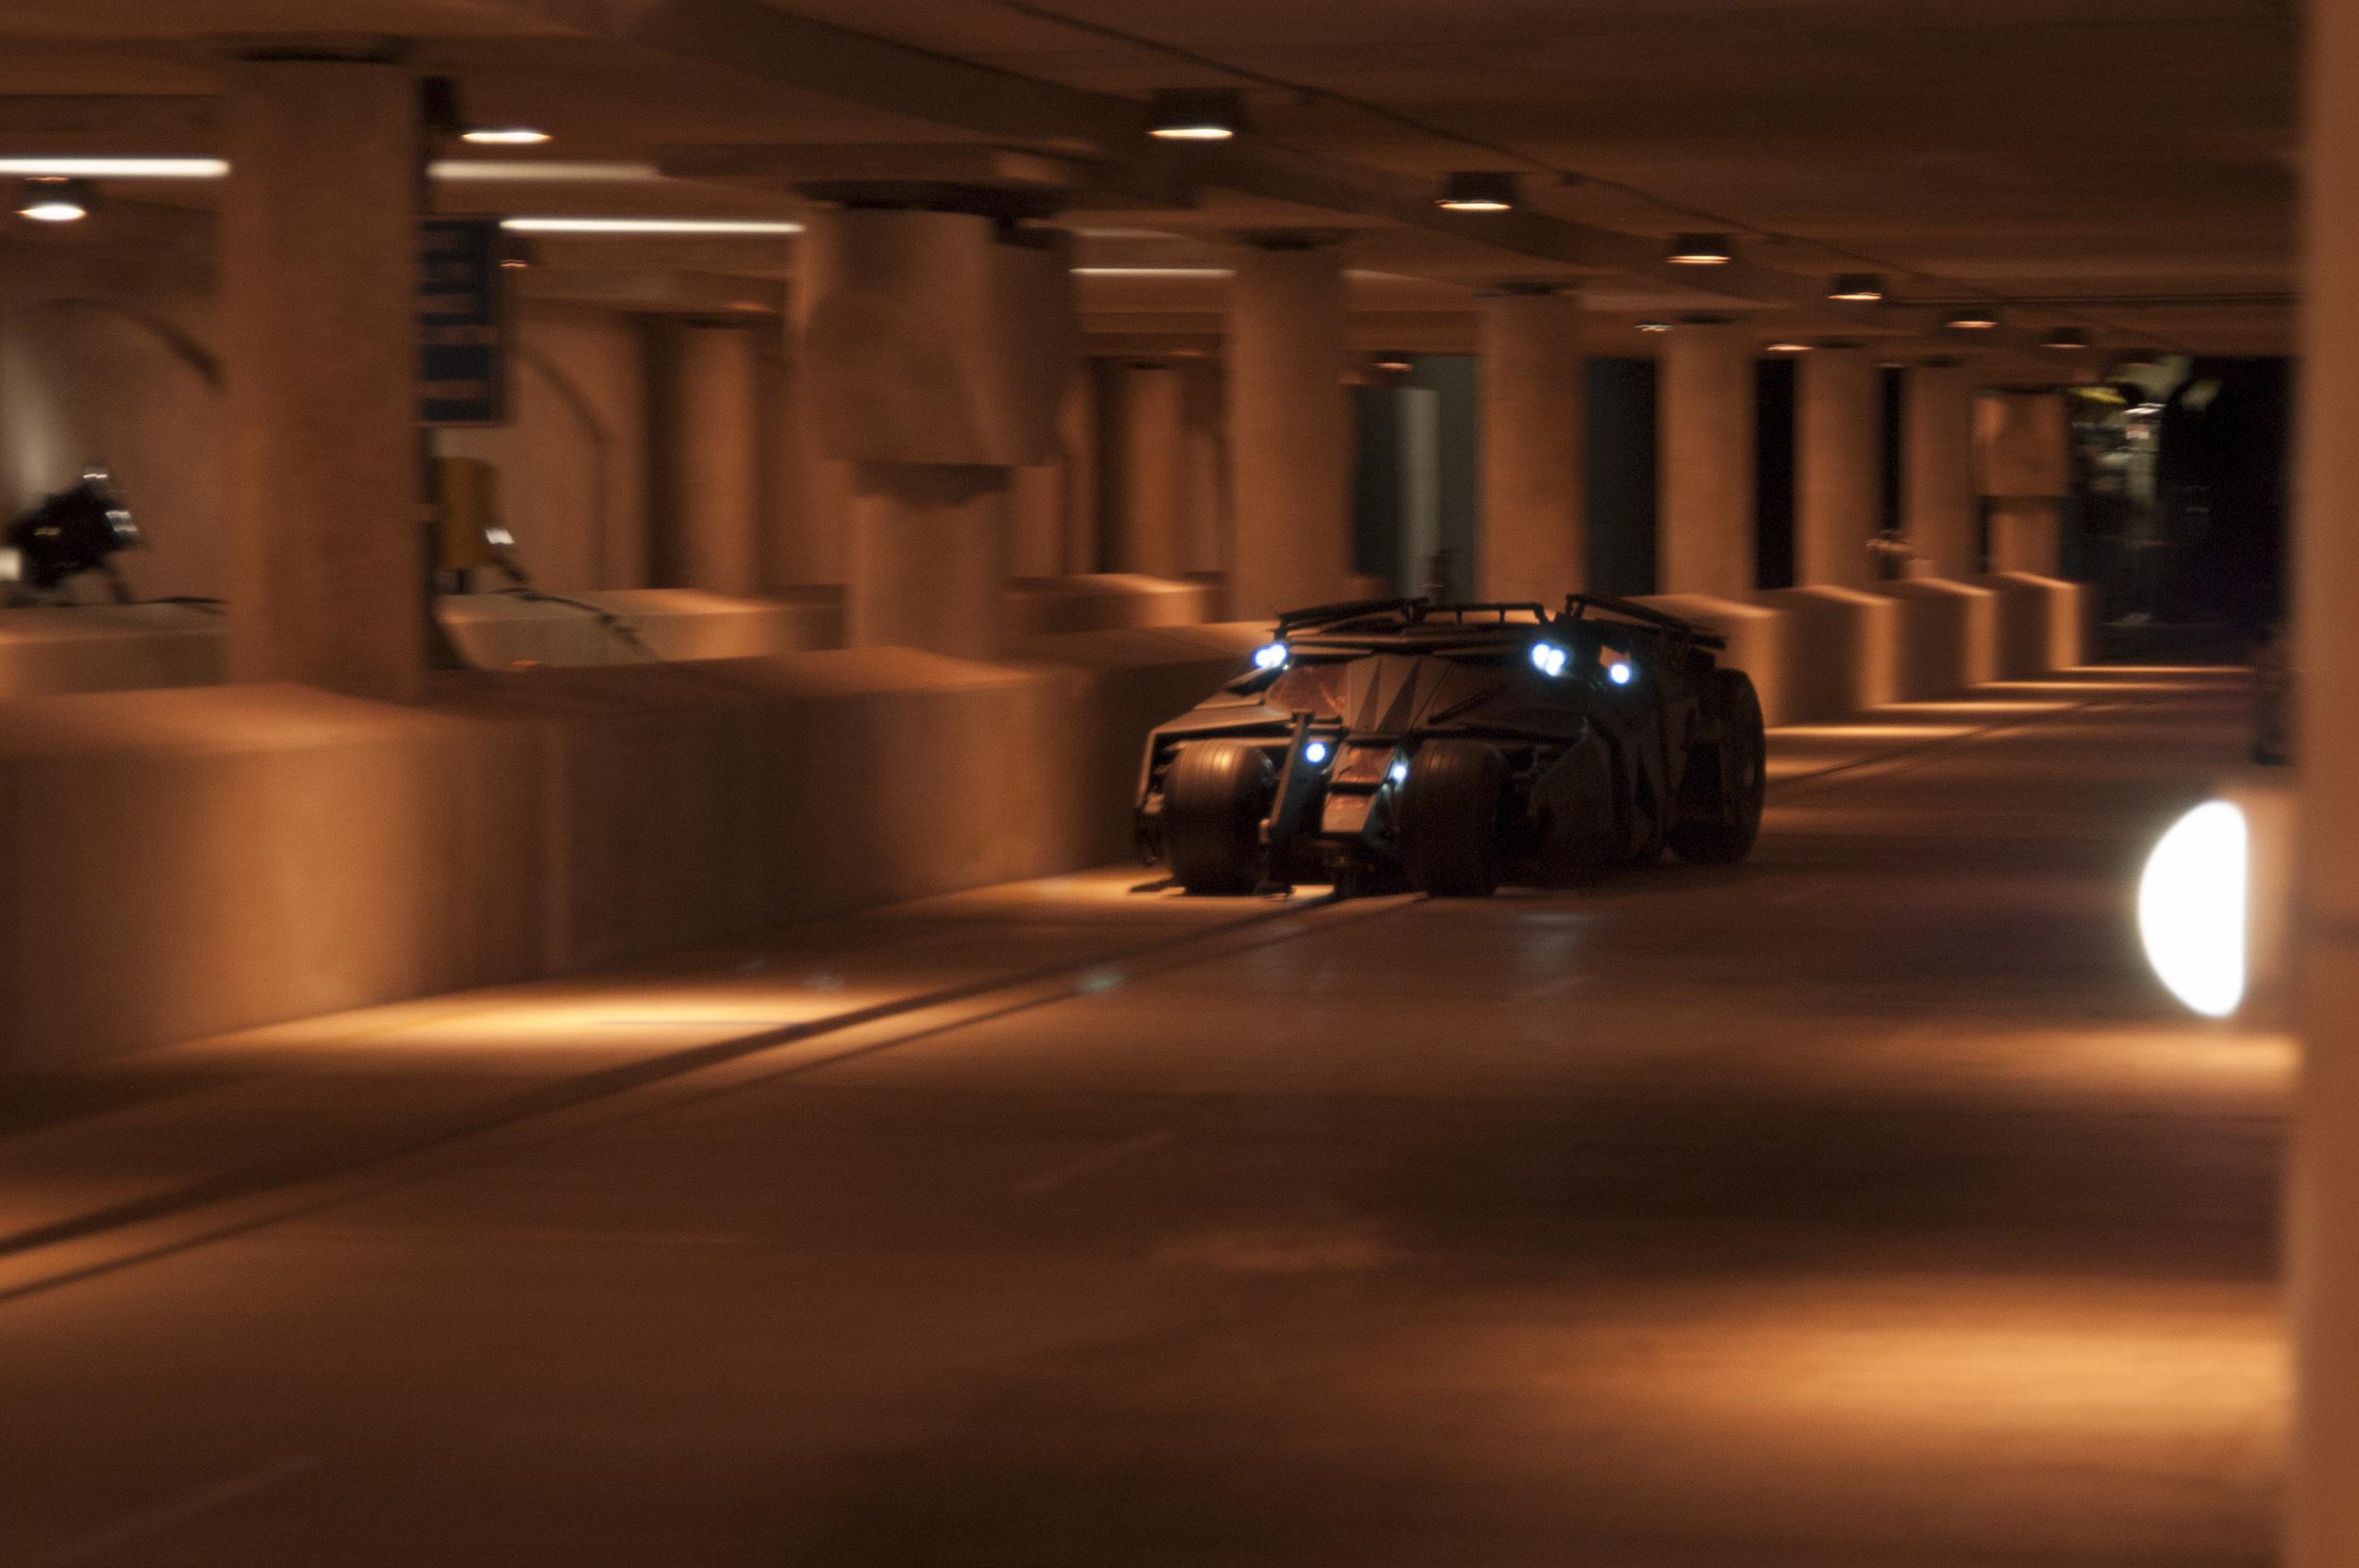 Dark Knight Image 20.jpg